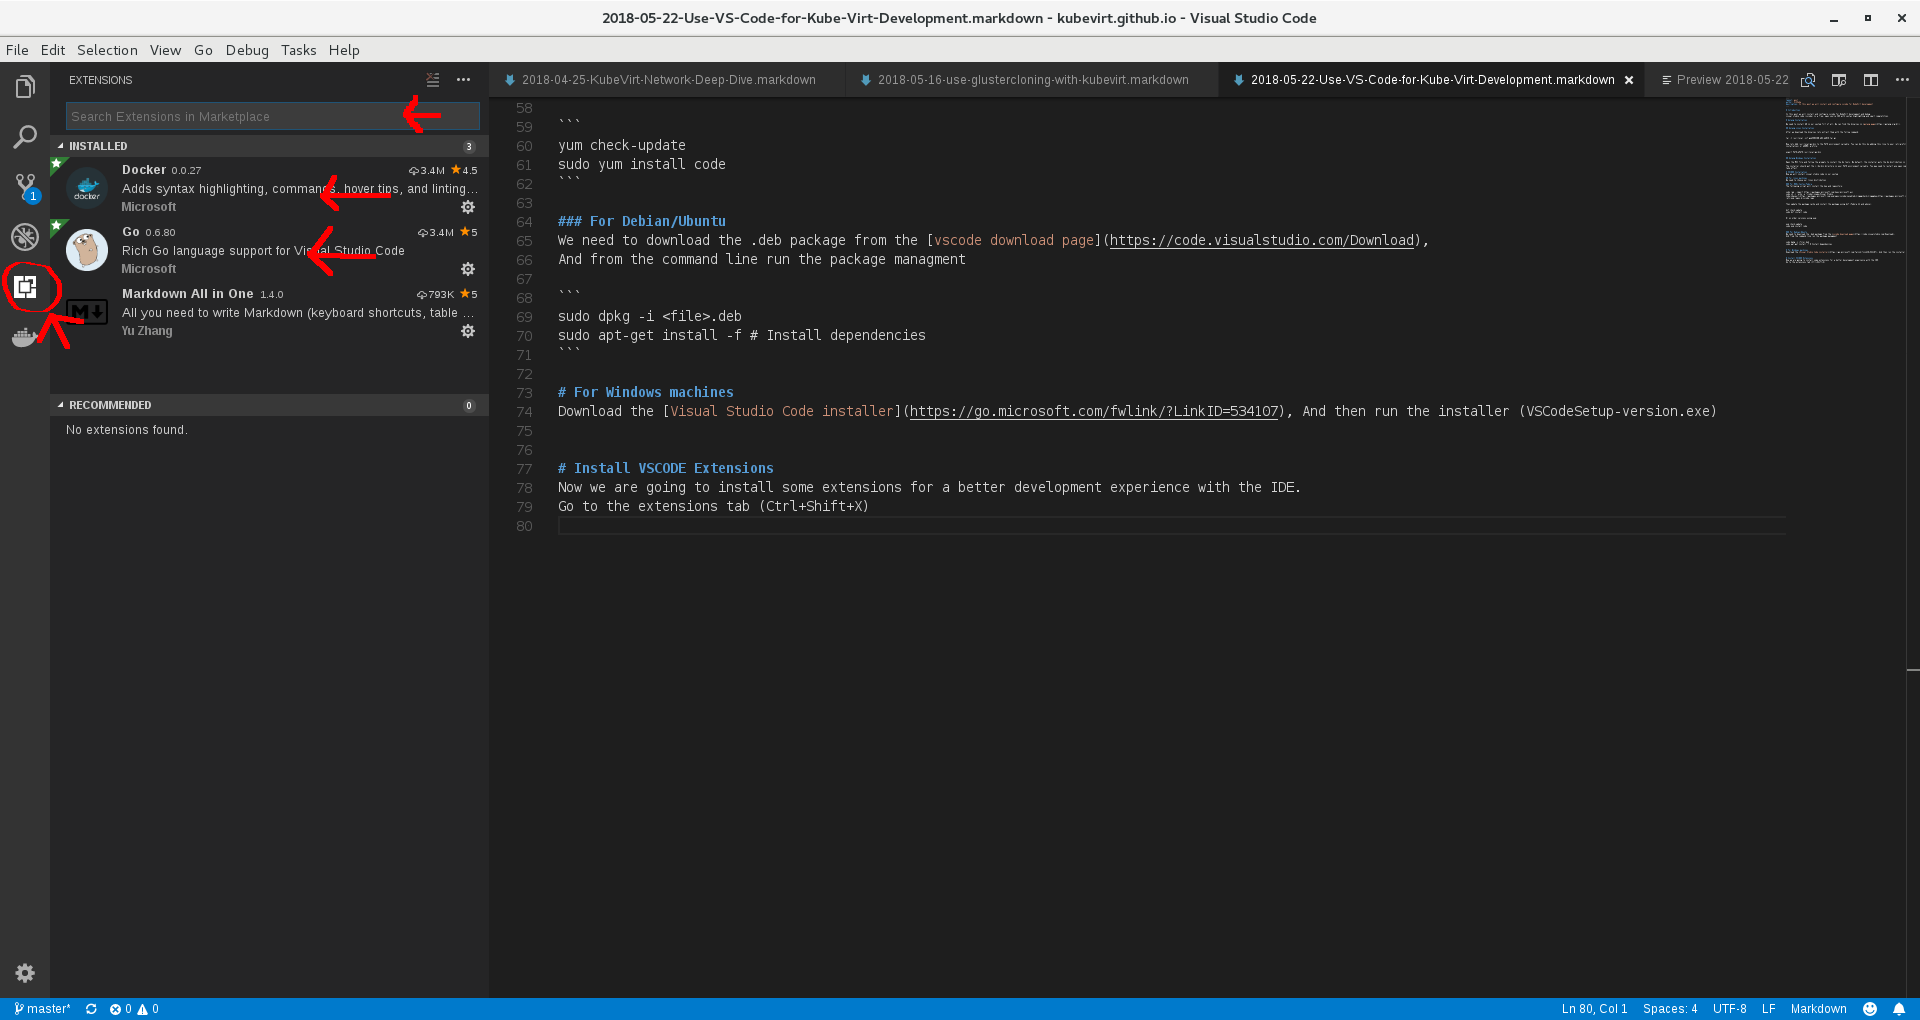 Use Vs Code For Kube Virt Development | KubeVirt io